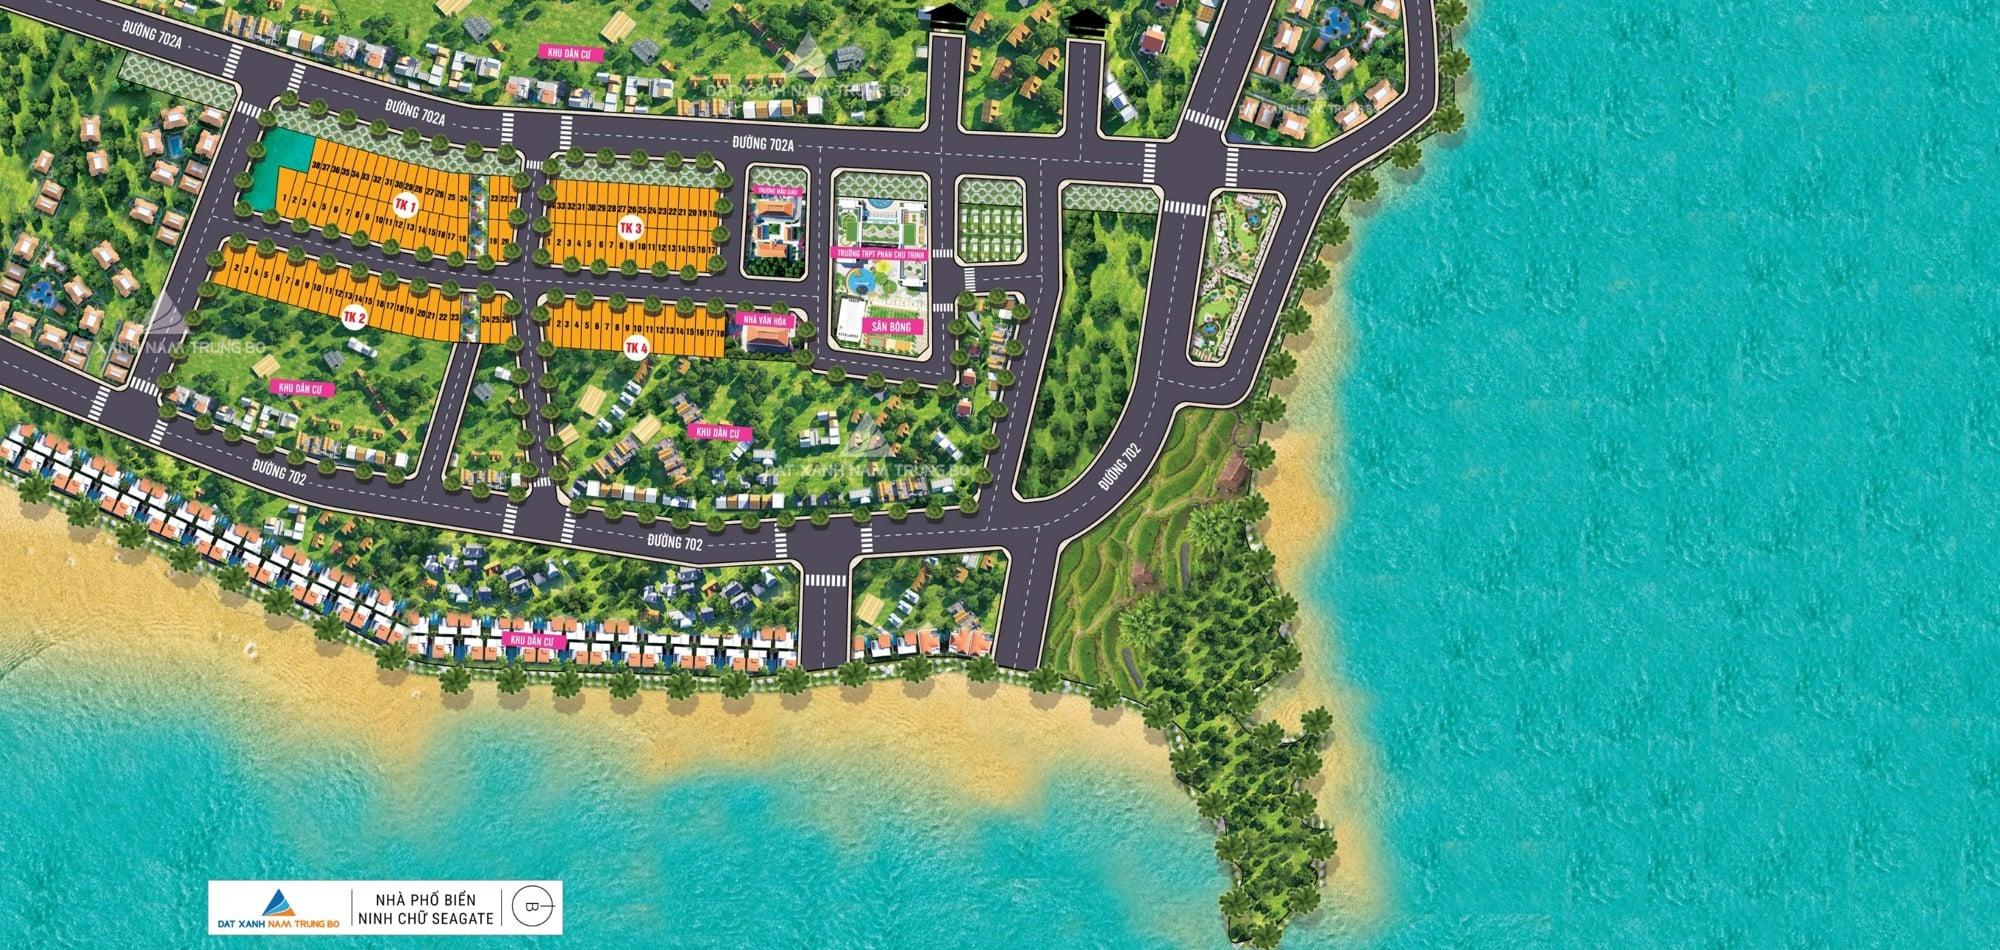 Sơ đồ phân lô dự án đất nền - nhà phố biển Ninh Chữ Ninh Thuận